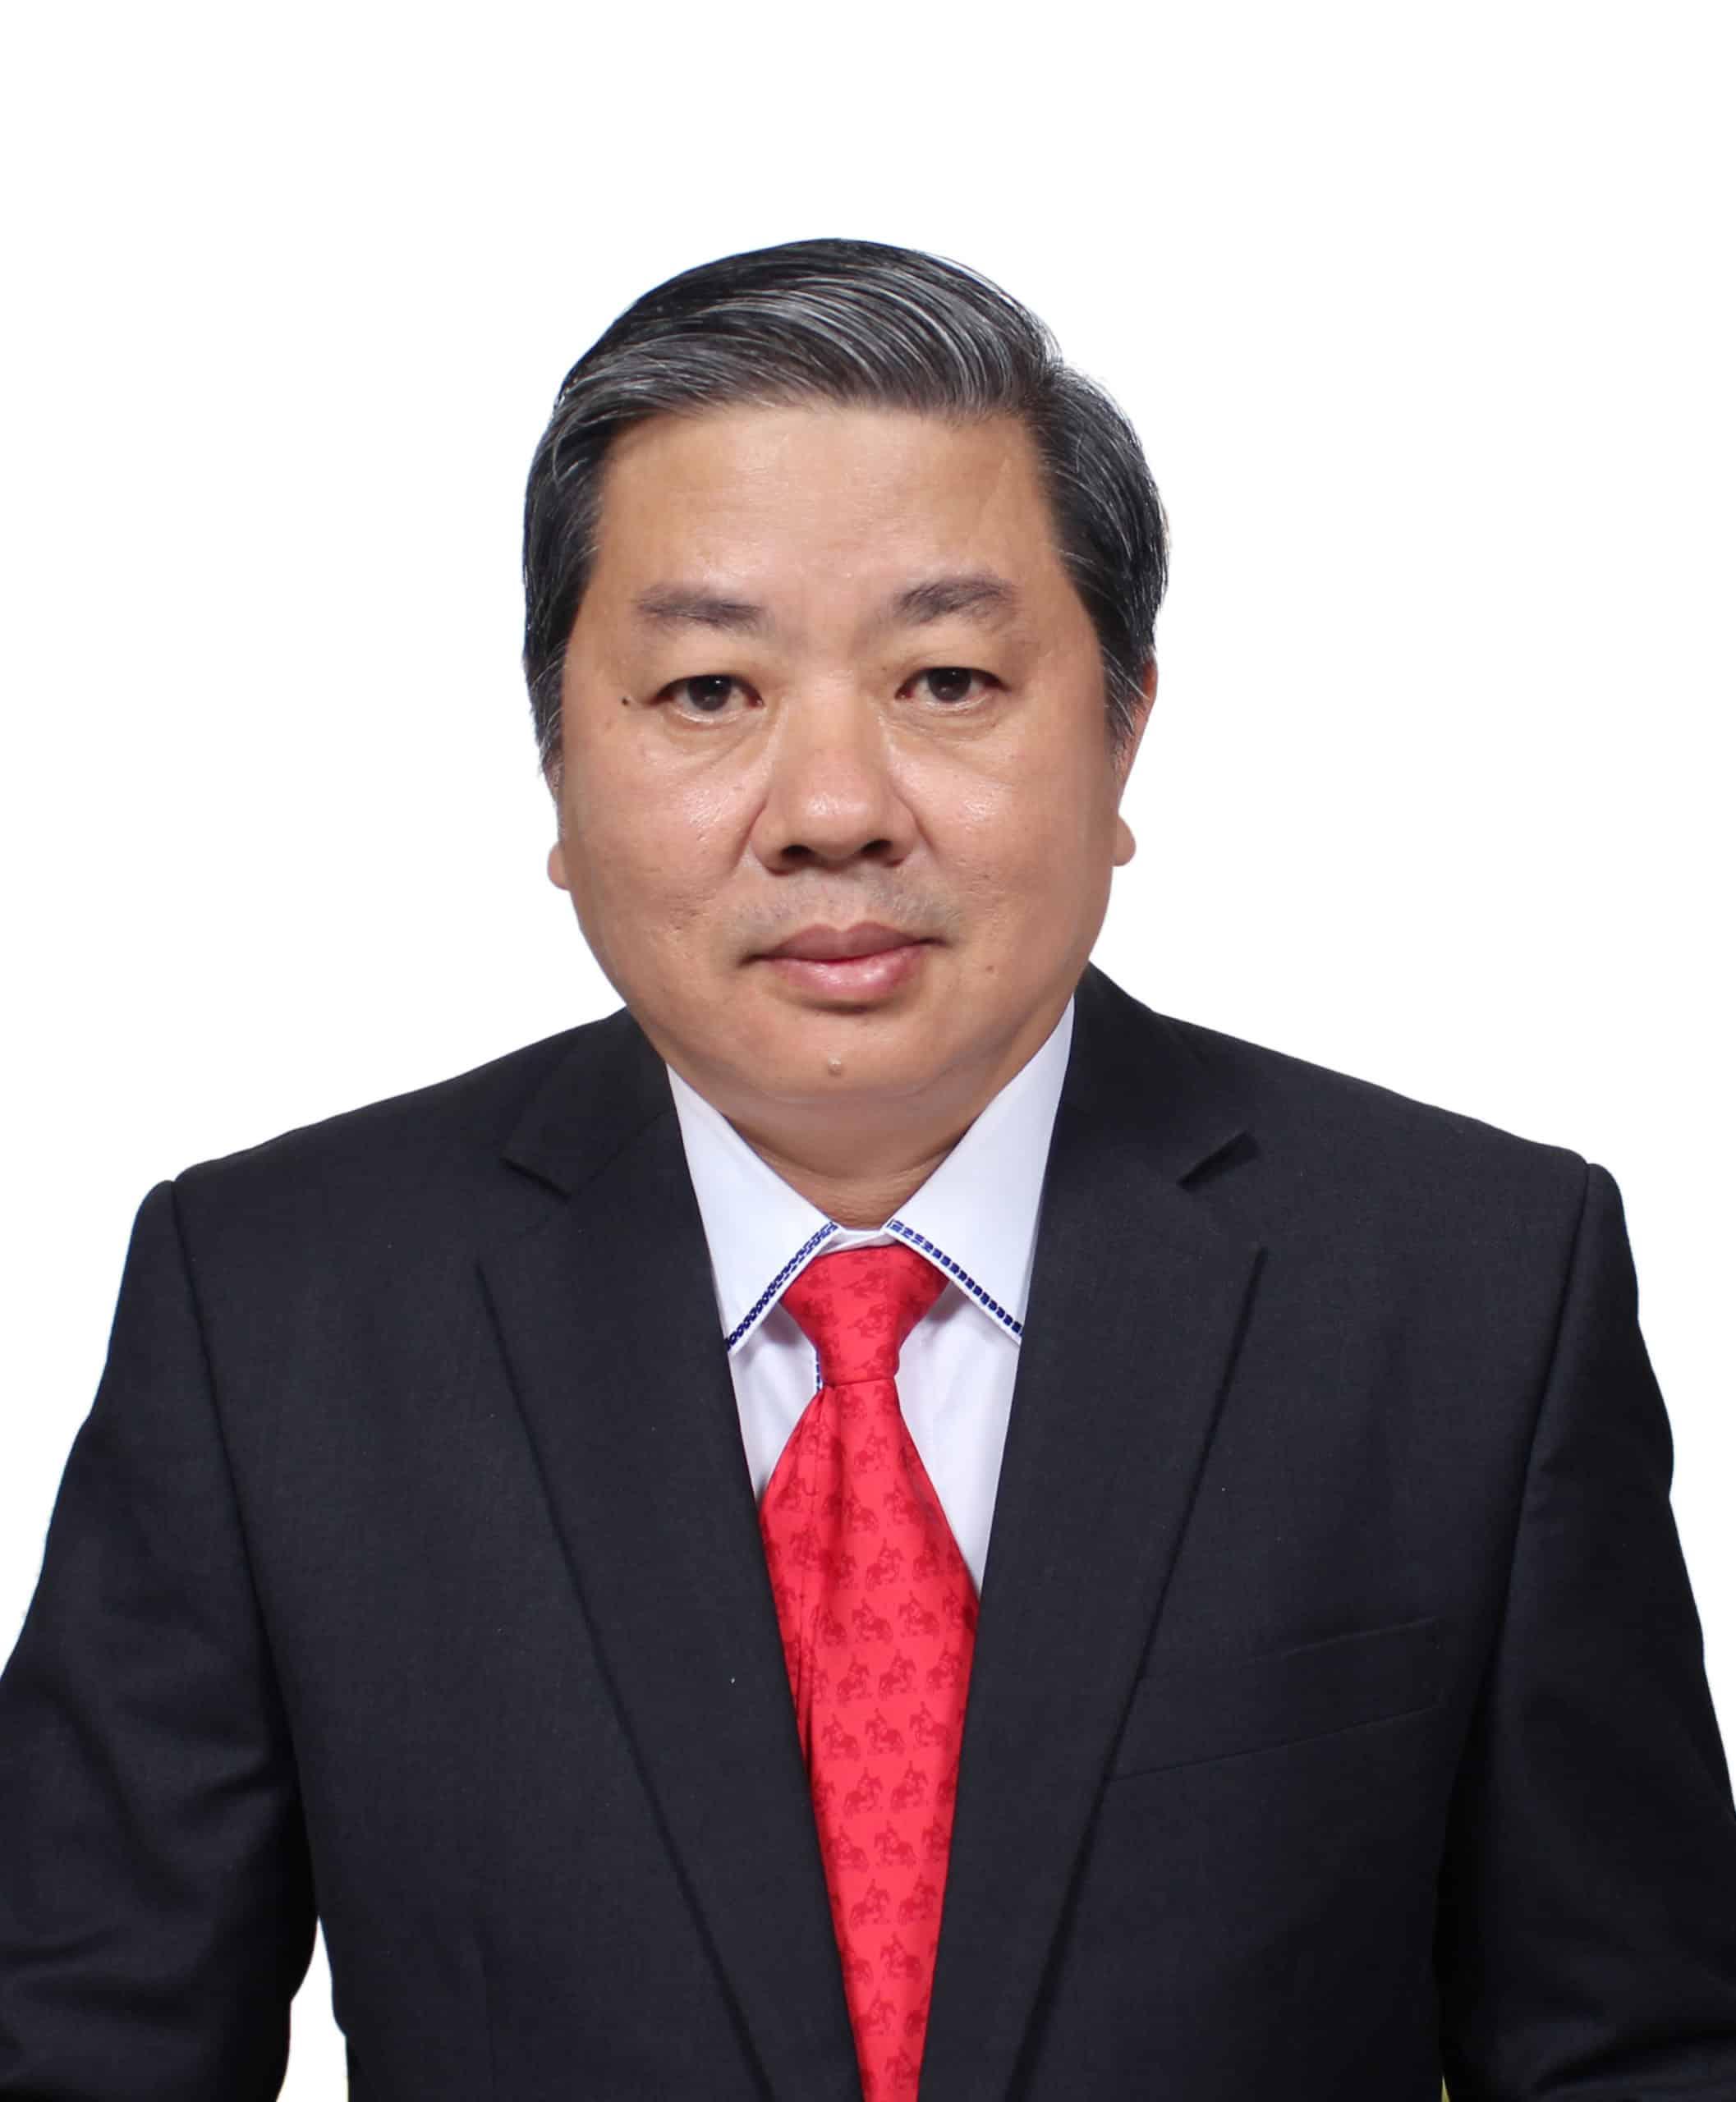 Mr. Adhi S. Lukman